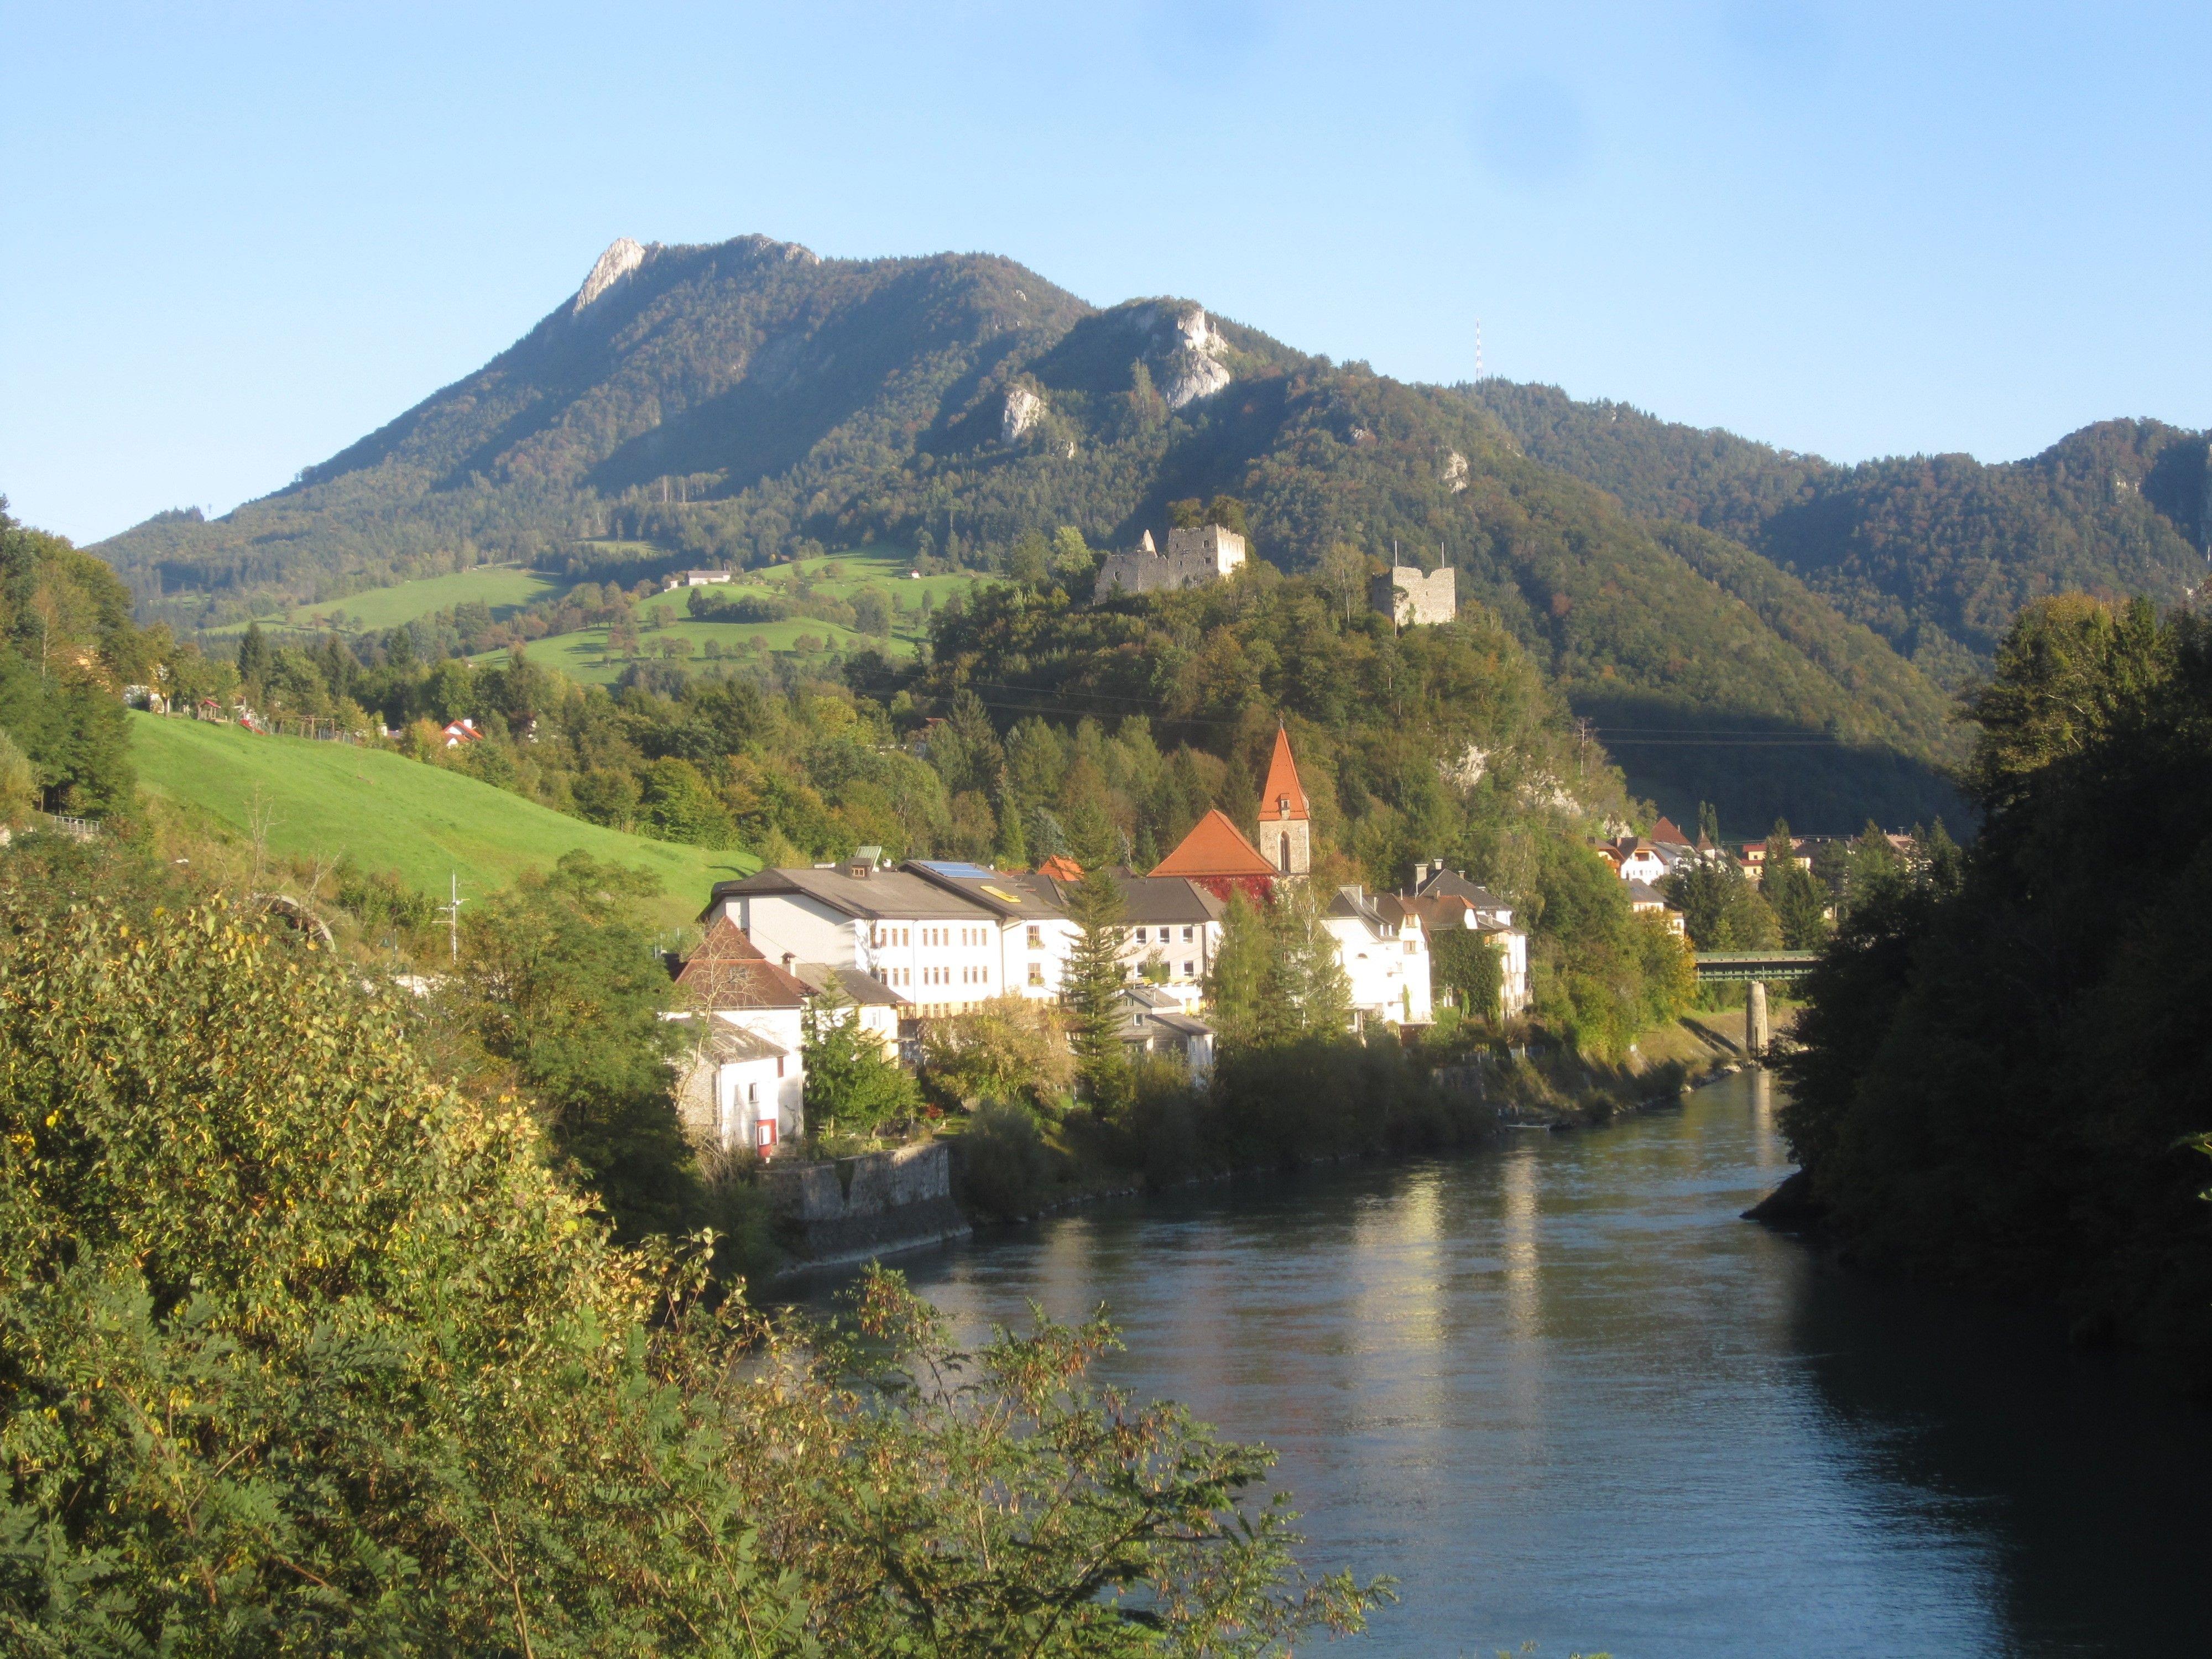 Village Of Losenstein Near Steyr On The Enns River In Austria